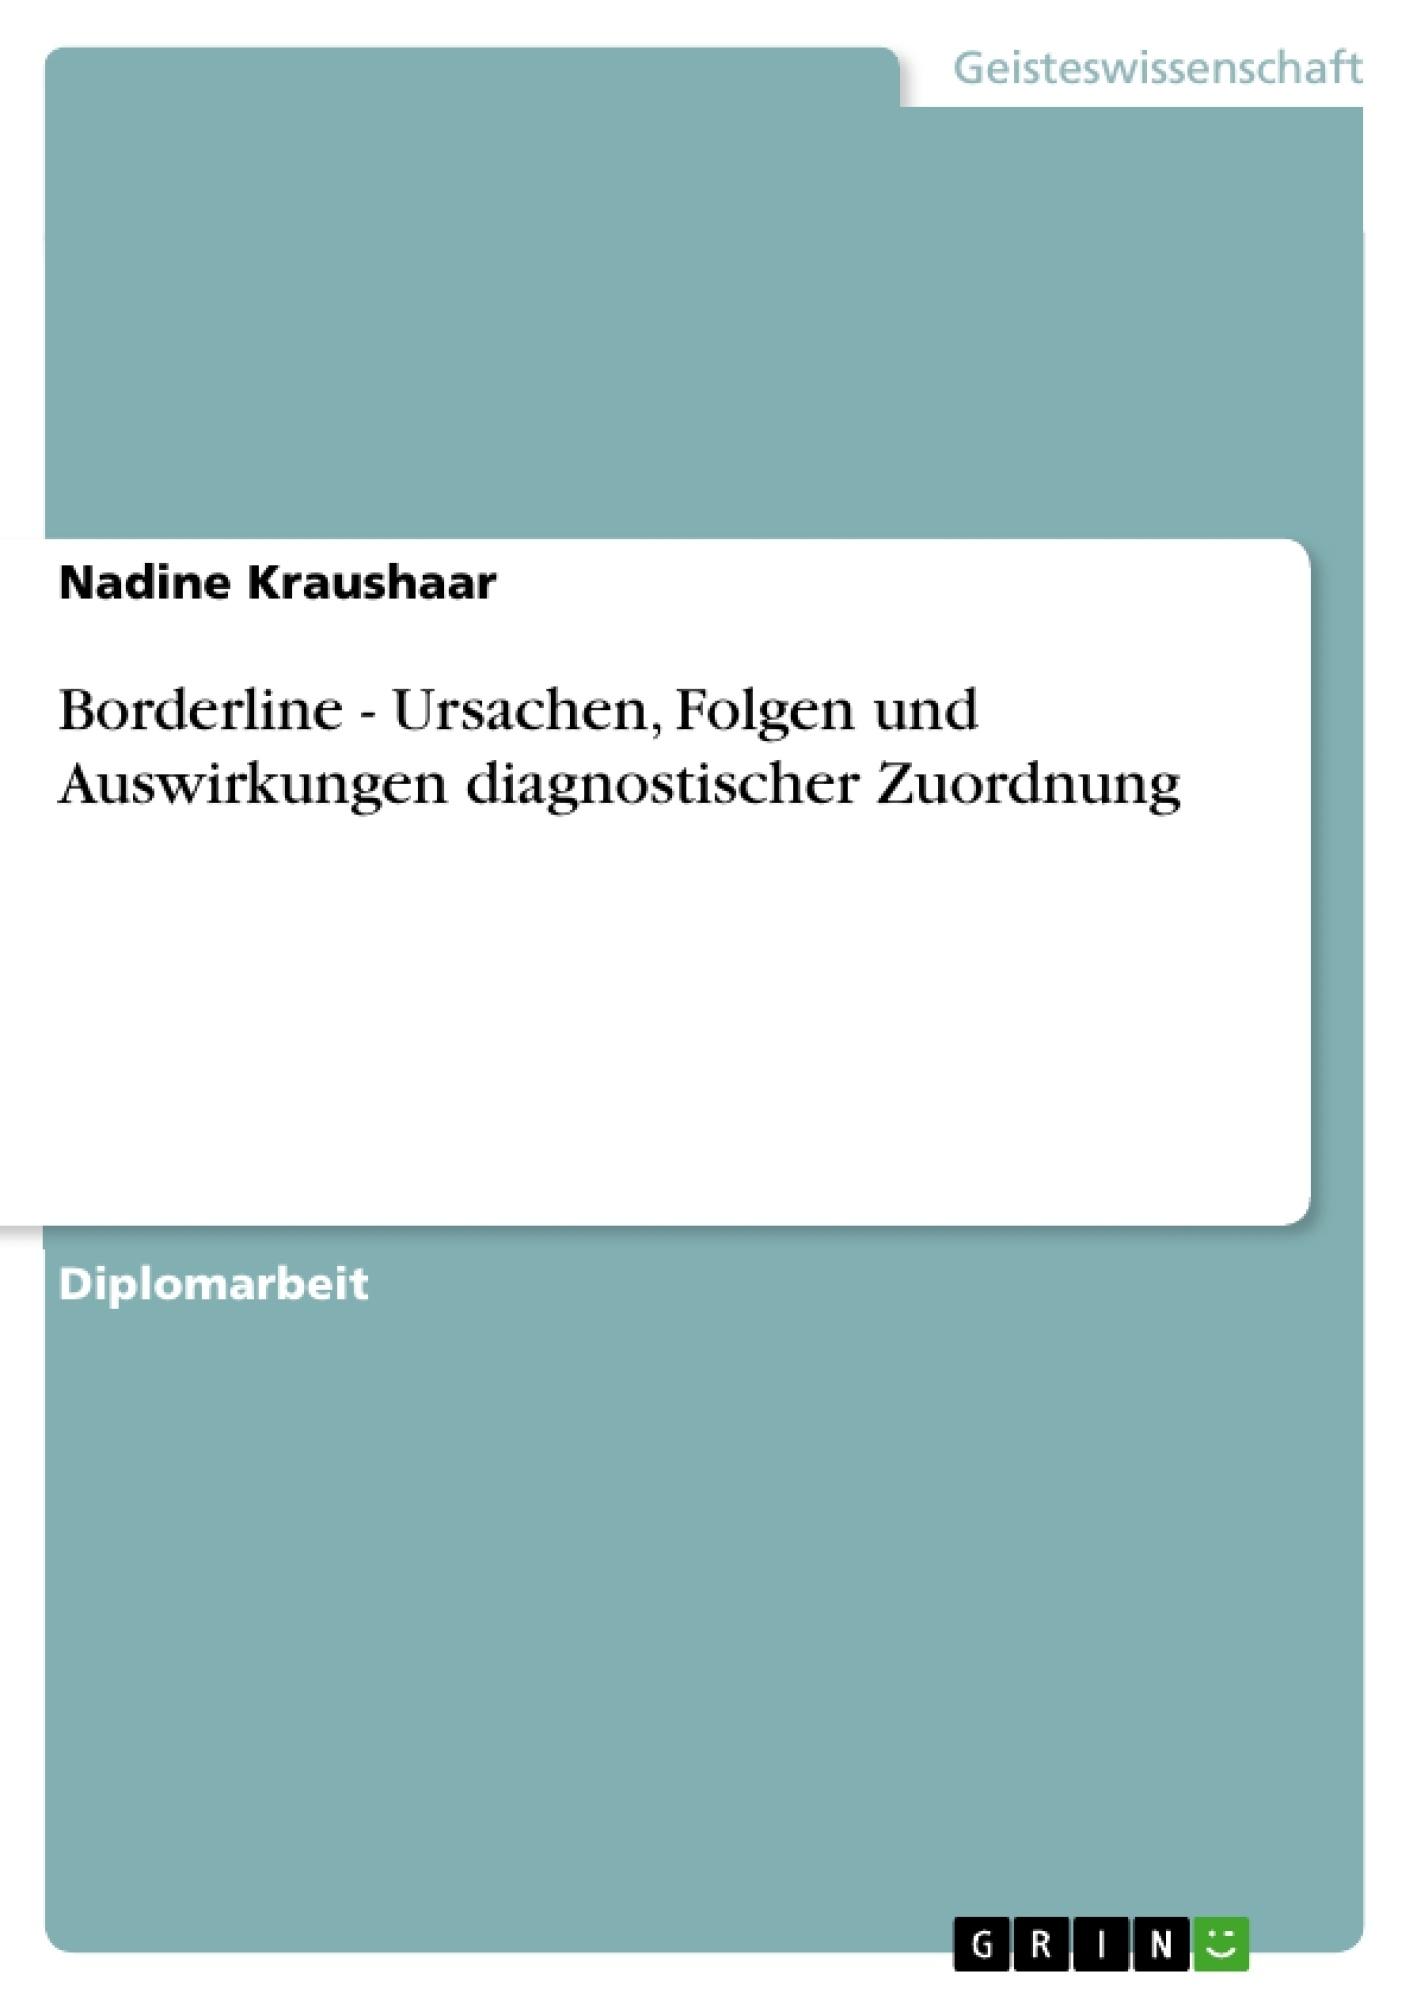 Titel: Borderline - Ursachen, Folgen und Auswirkungen diagnostischer Zuordnung